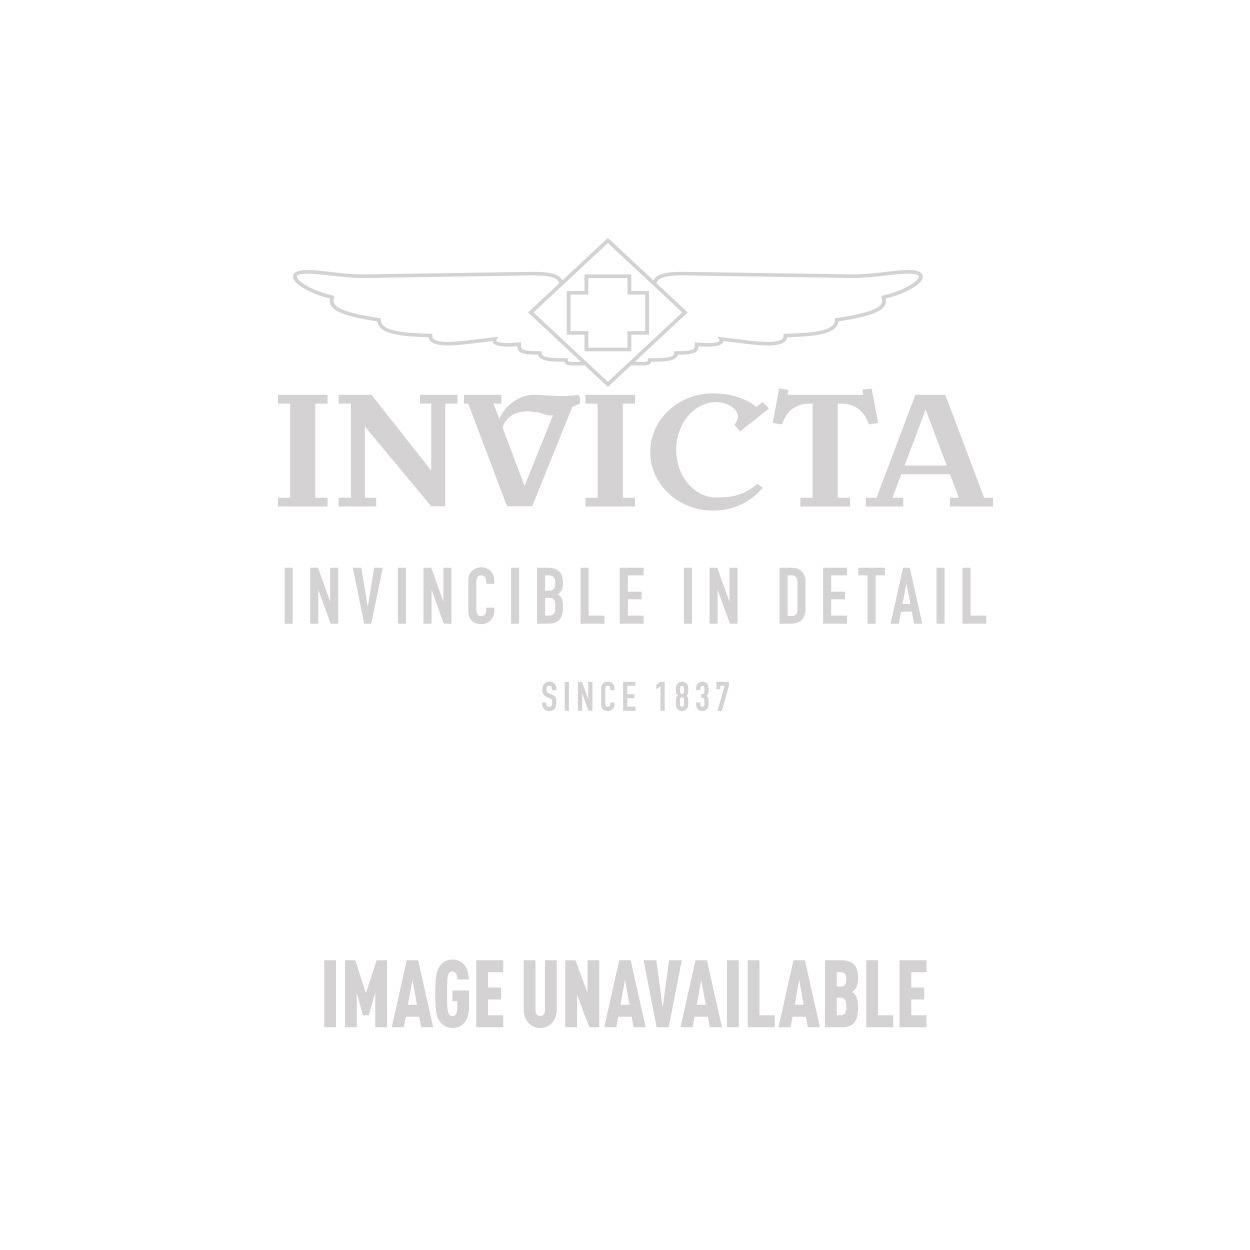 Invicta Model 28135